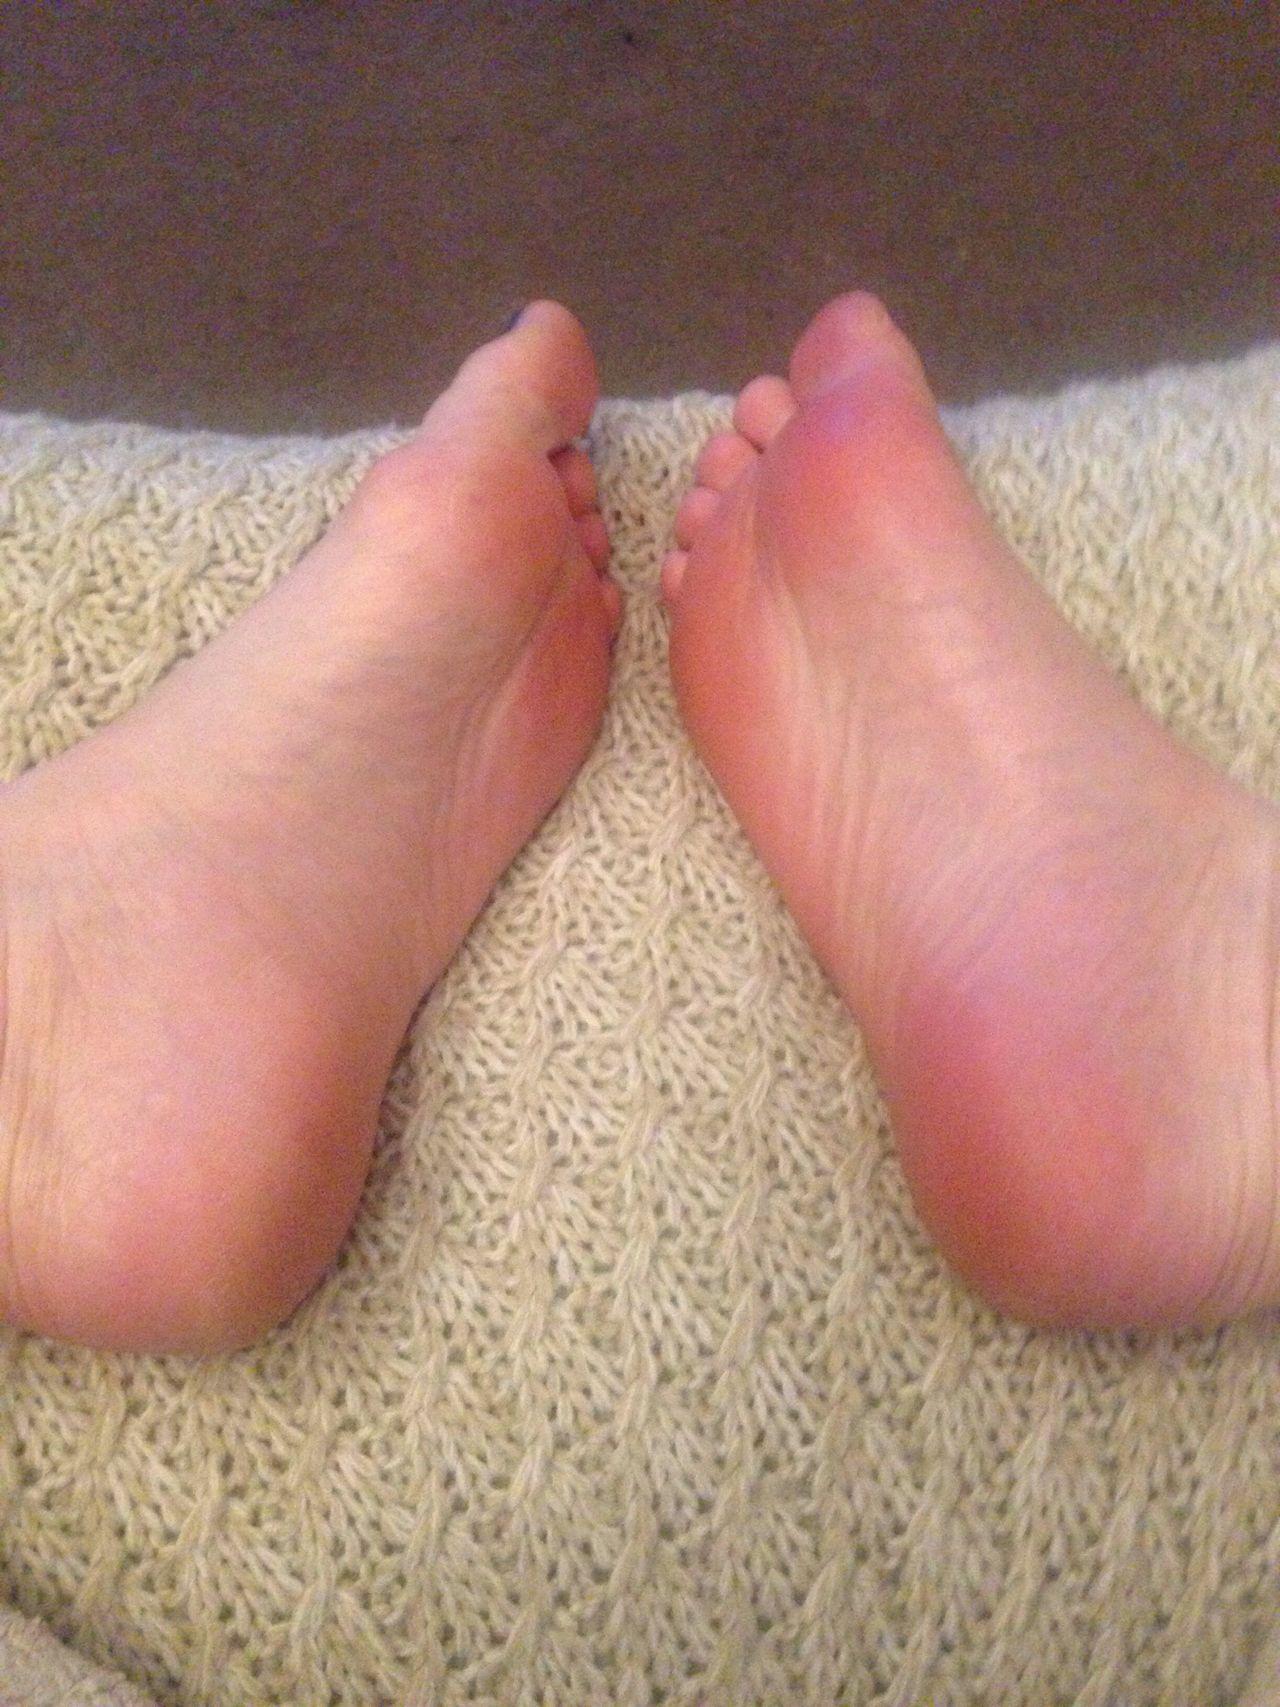 Human Body Part Soles Of Feet Feet Feet Selfie Toes Digits Limbs Ladies Heels Foot Feets